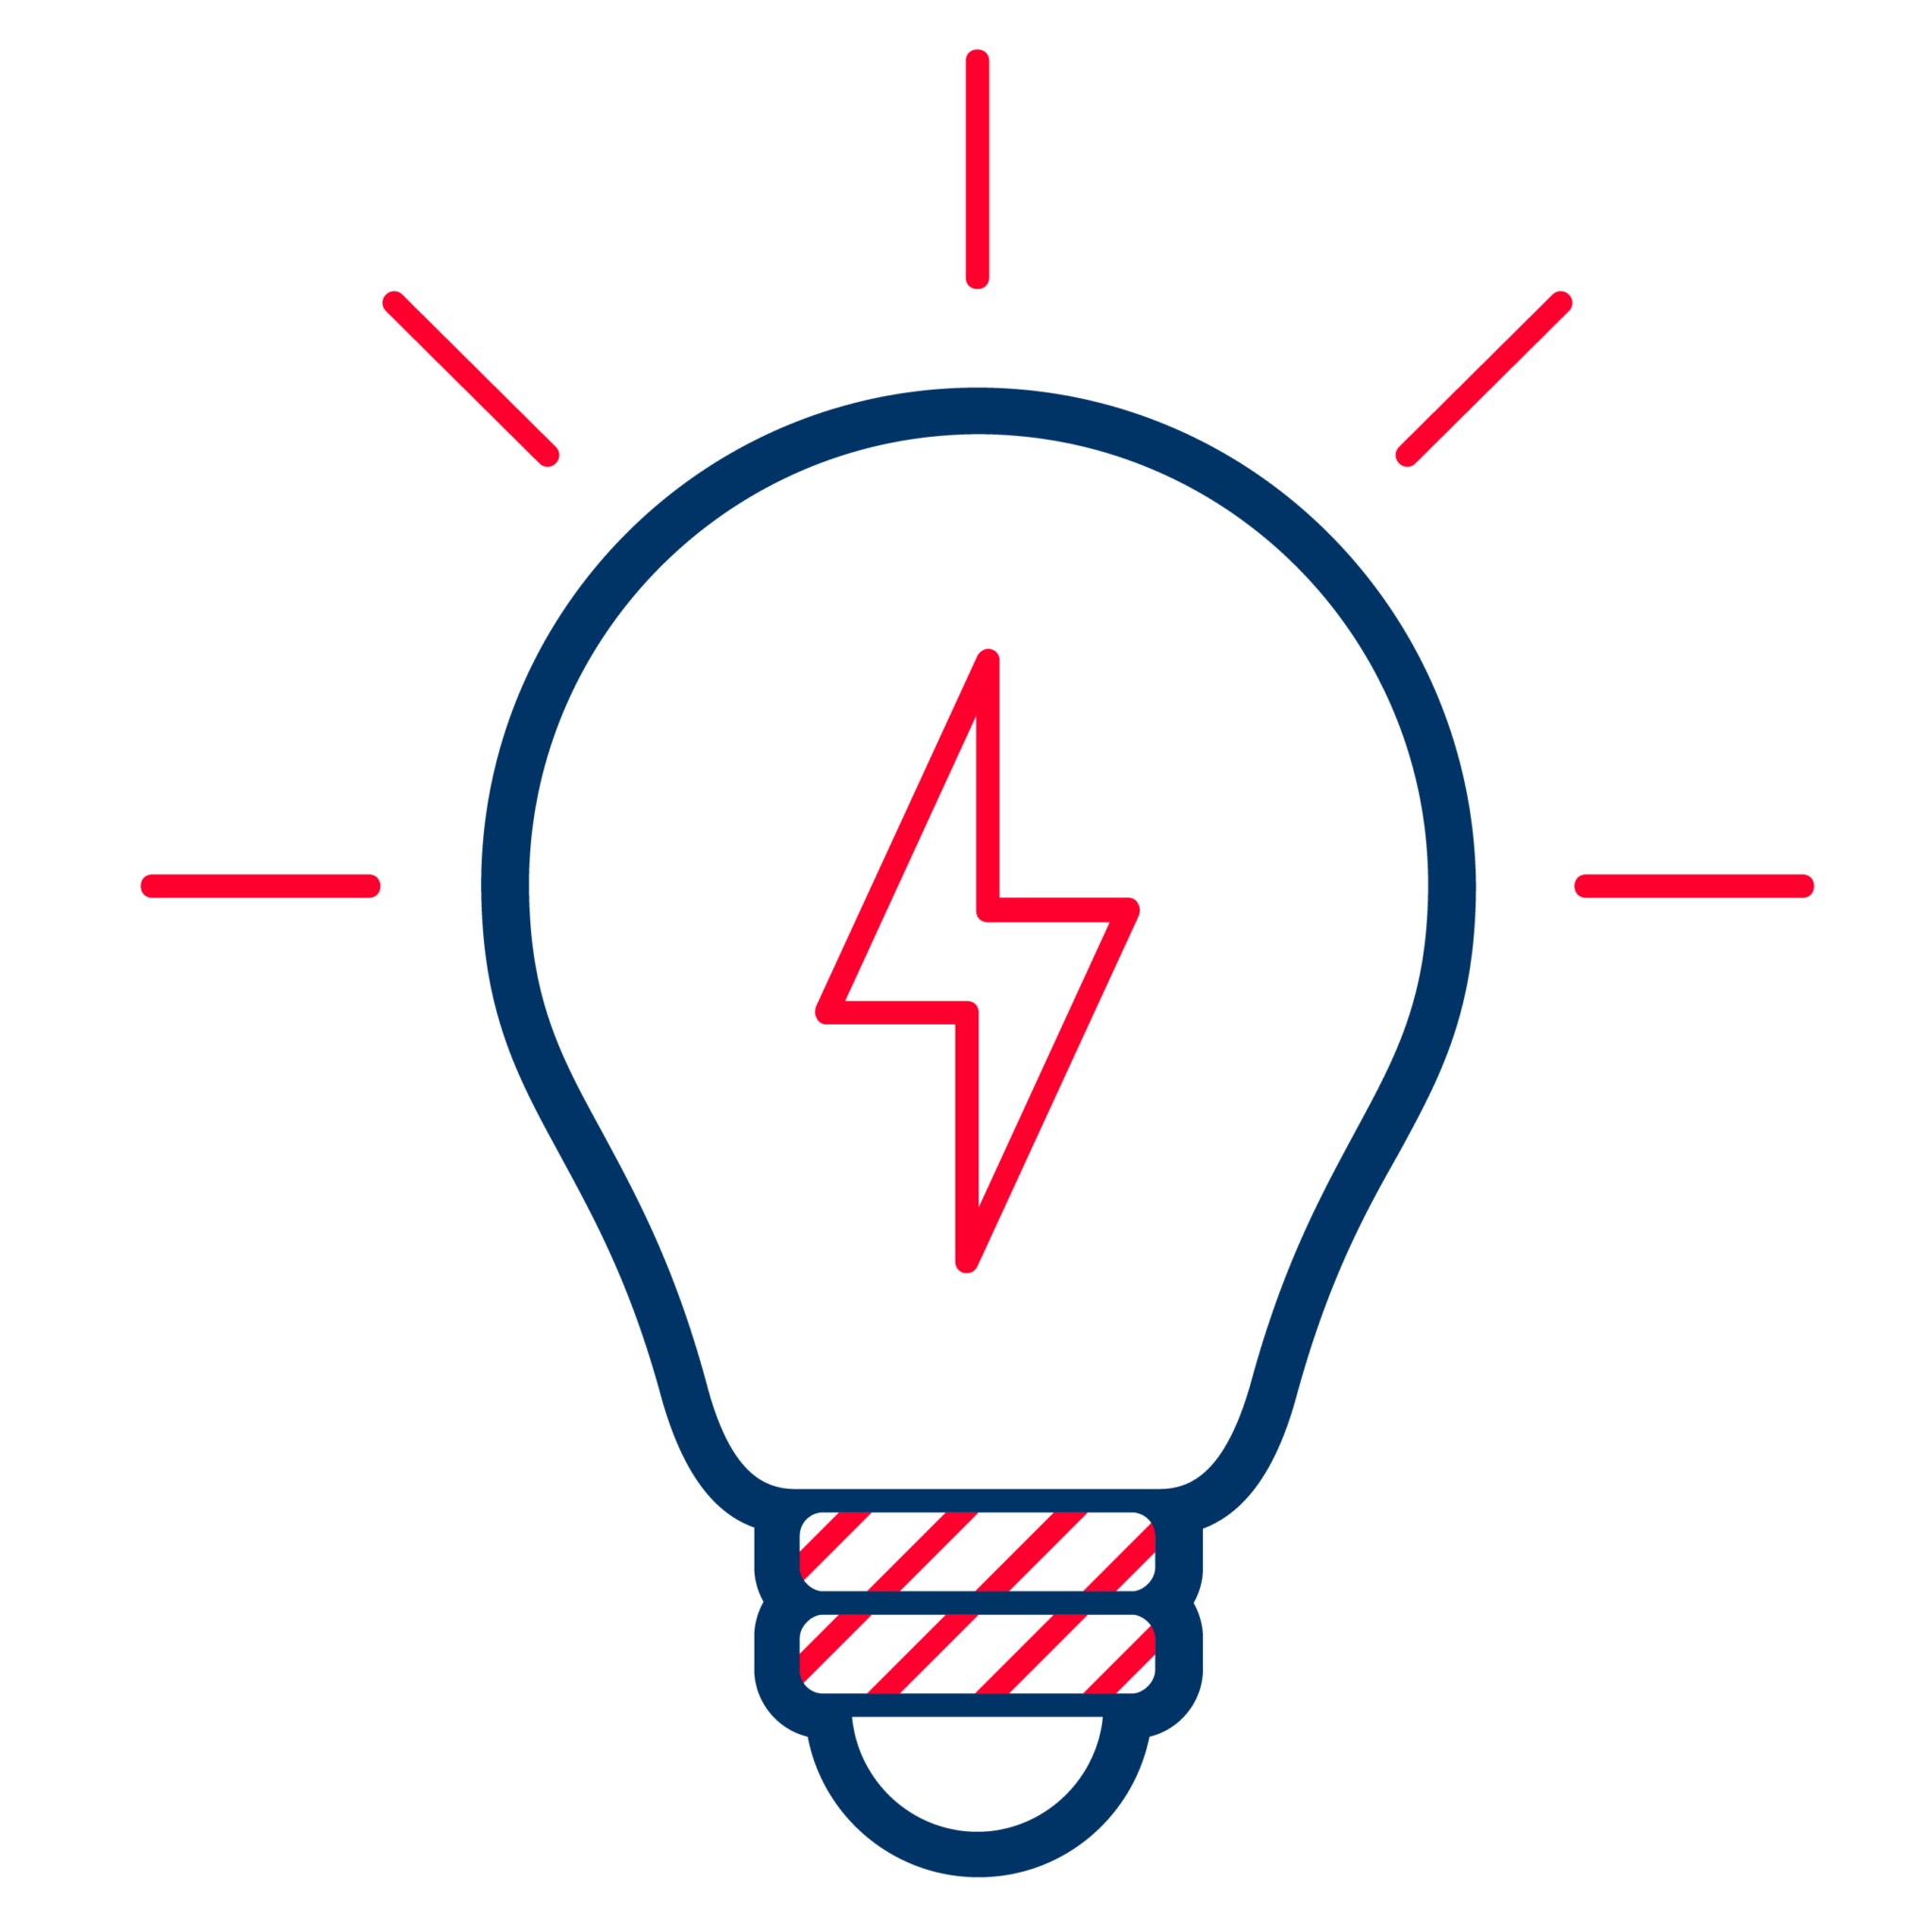 Electricité -Plomberie et chauffage picto - Bob! Dépannage, Bob! Maintenance, maintenance multti-technique